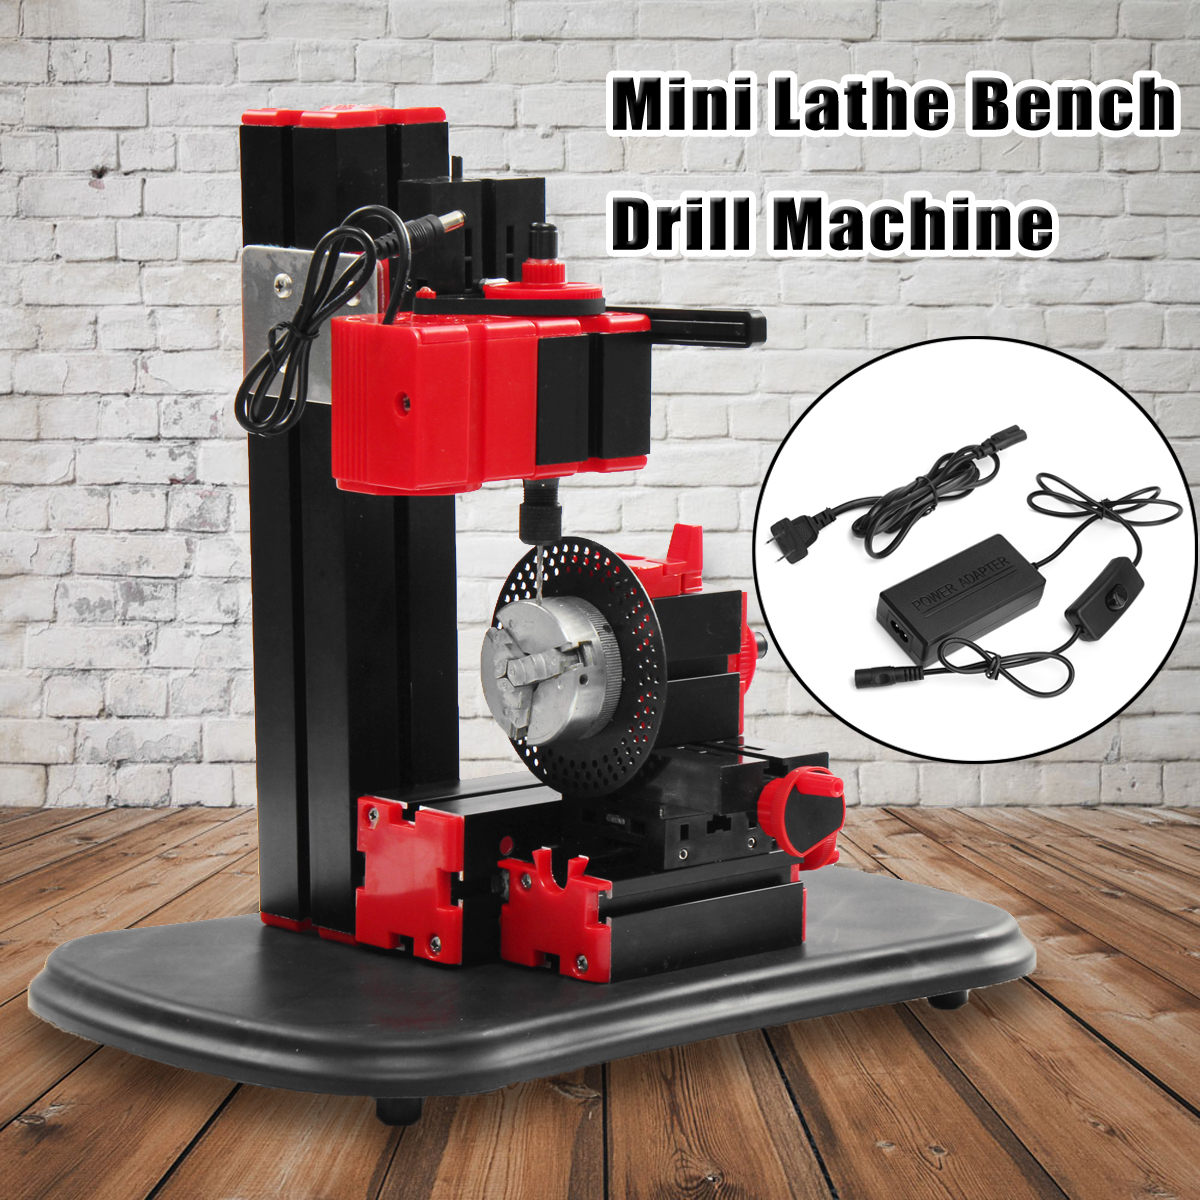 110 V-240 V Mini tour banc perceuse Machine bricolage perceuse électrique boiserie modèle faisant outil tour fraiseuse Kit